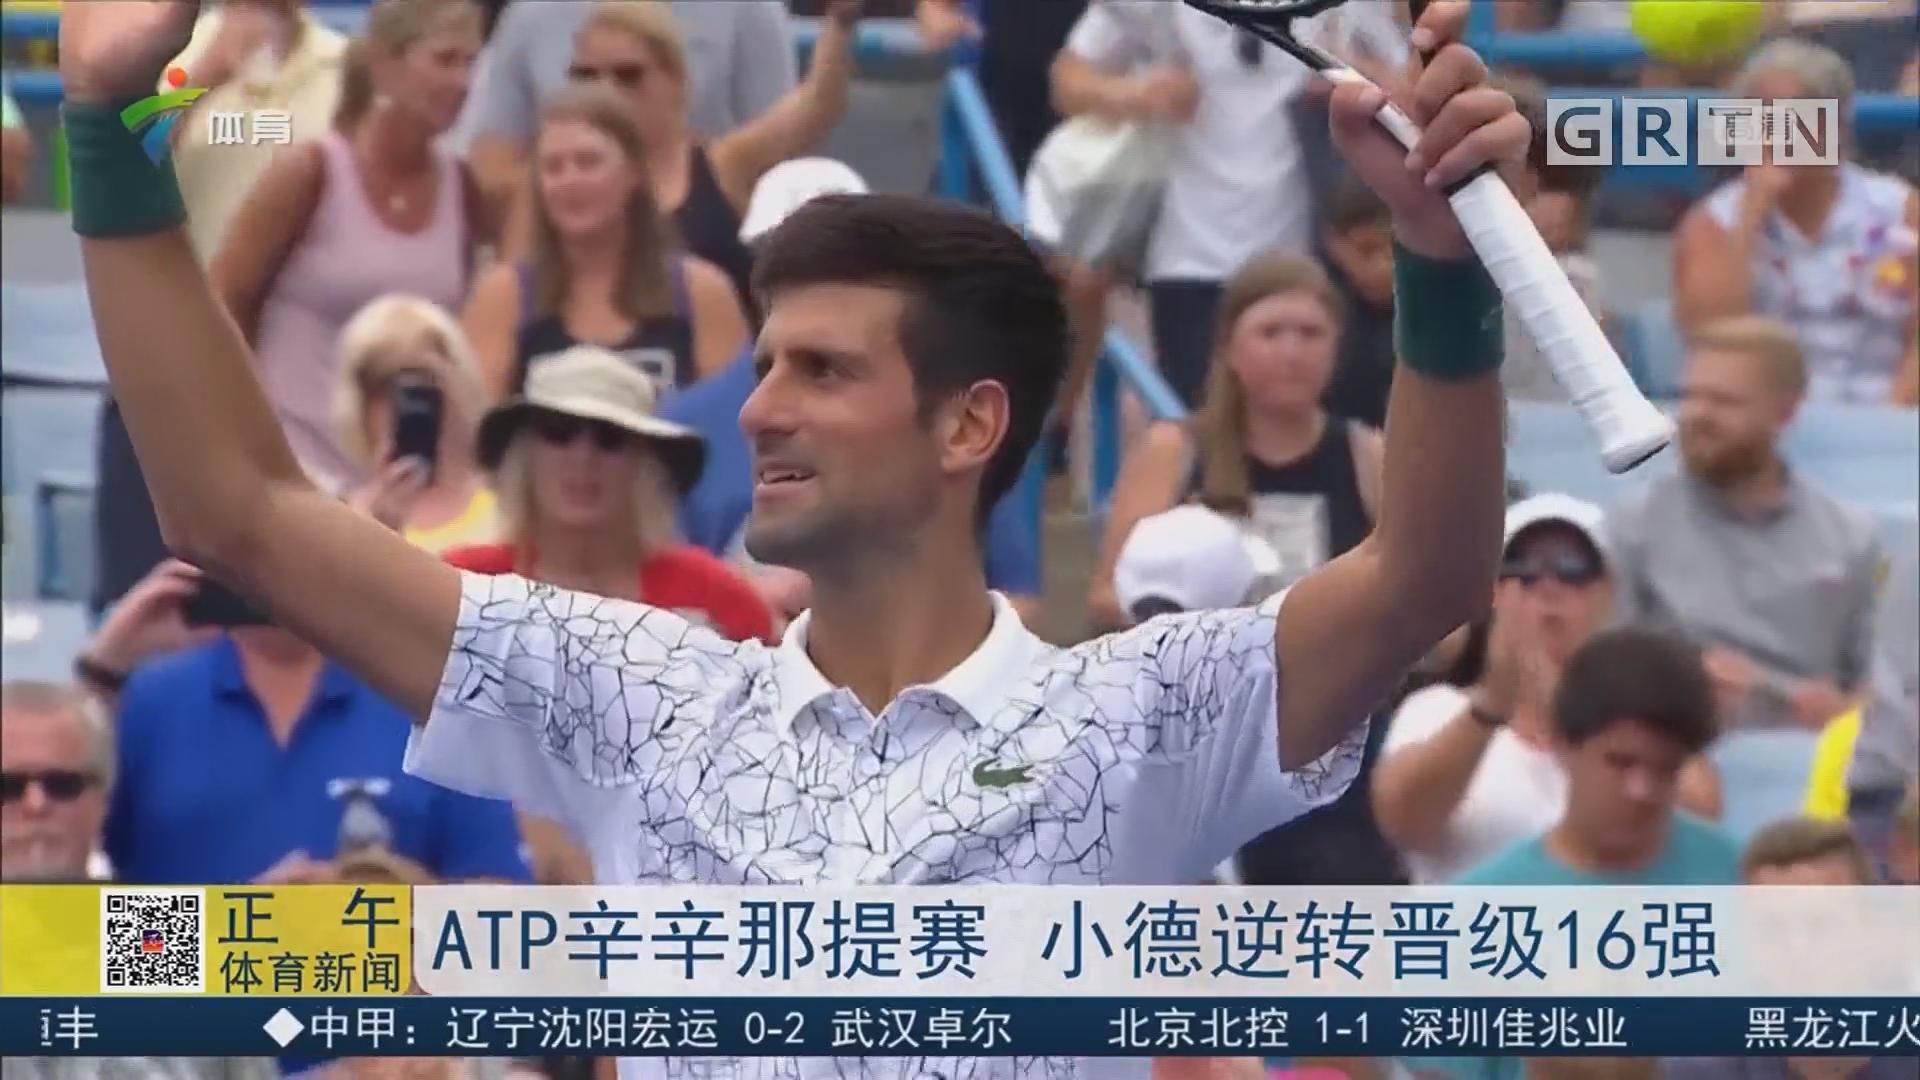 ATP辛辛那提赛 小德逆转晋级16强